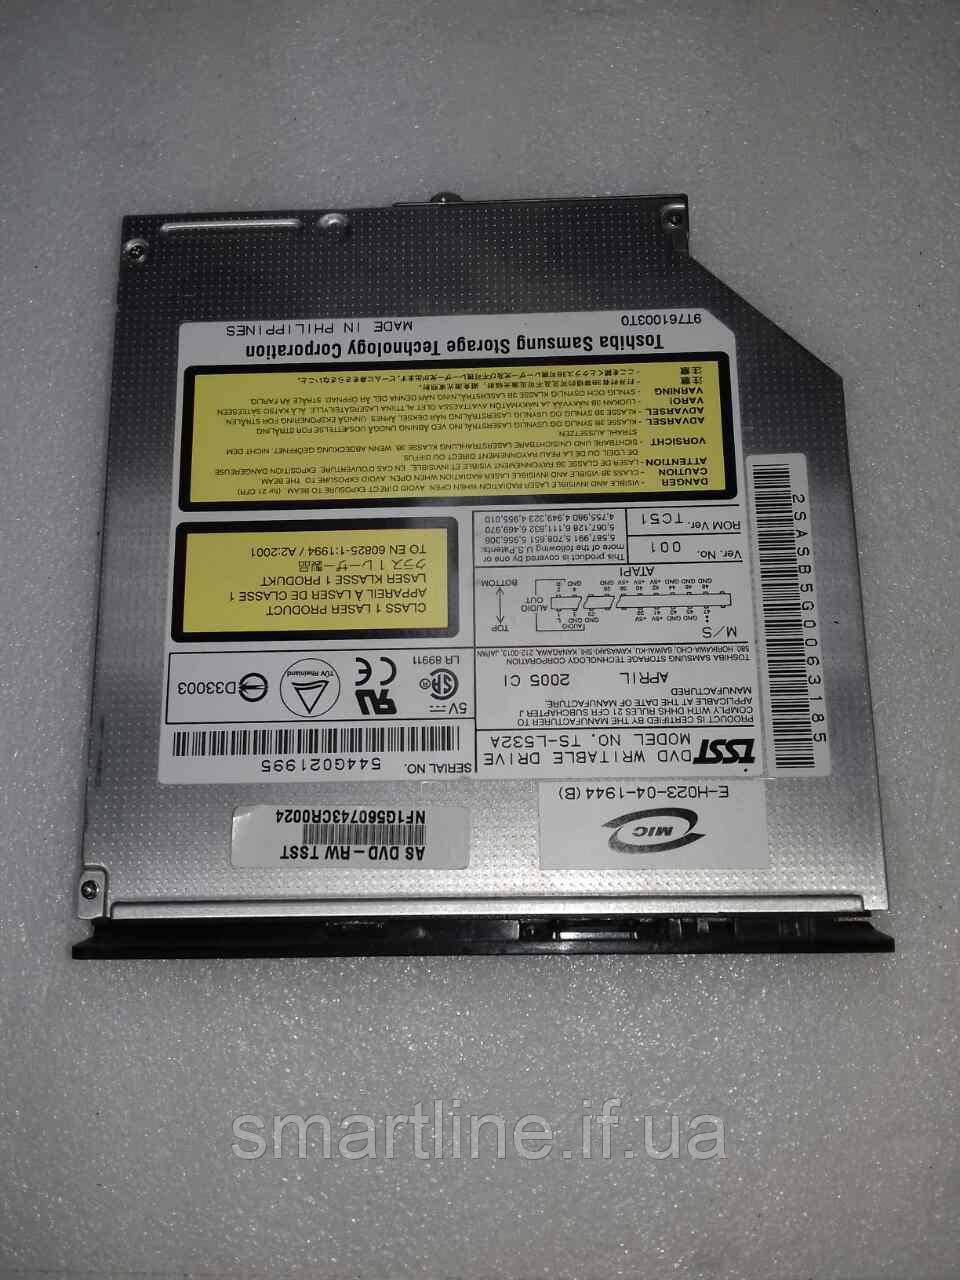 TS-L532A WINDOWS 8 X64 TREIBER